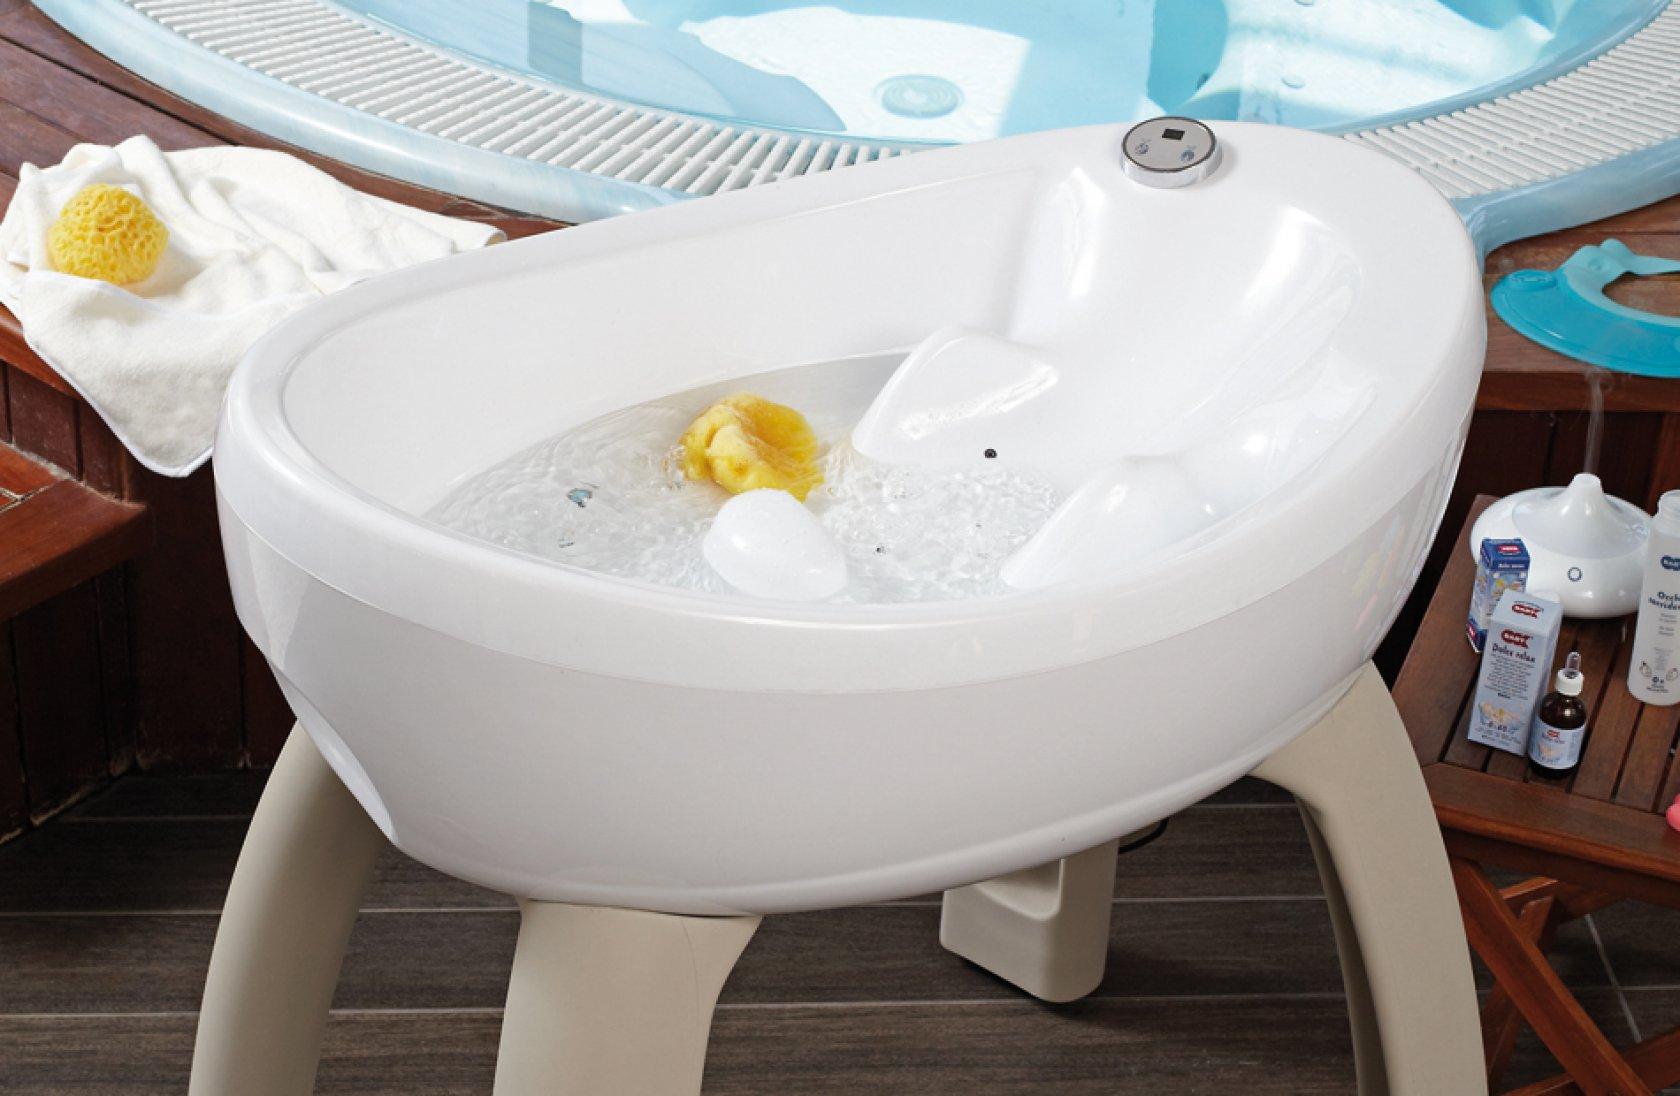 Vasca Da Bagno Neonati : Il bagnetto ai neonati è uno dei momenti più teneri ma anche